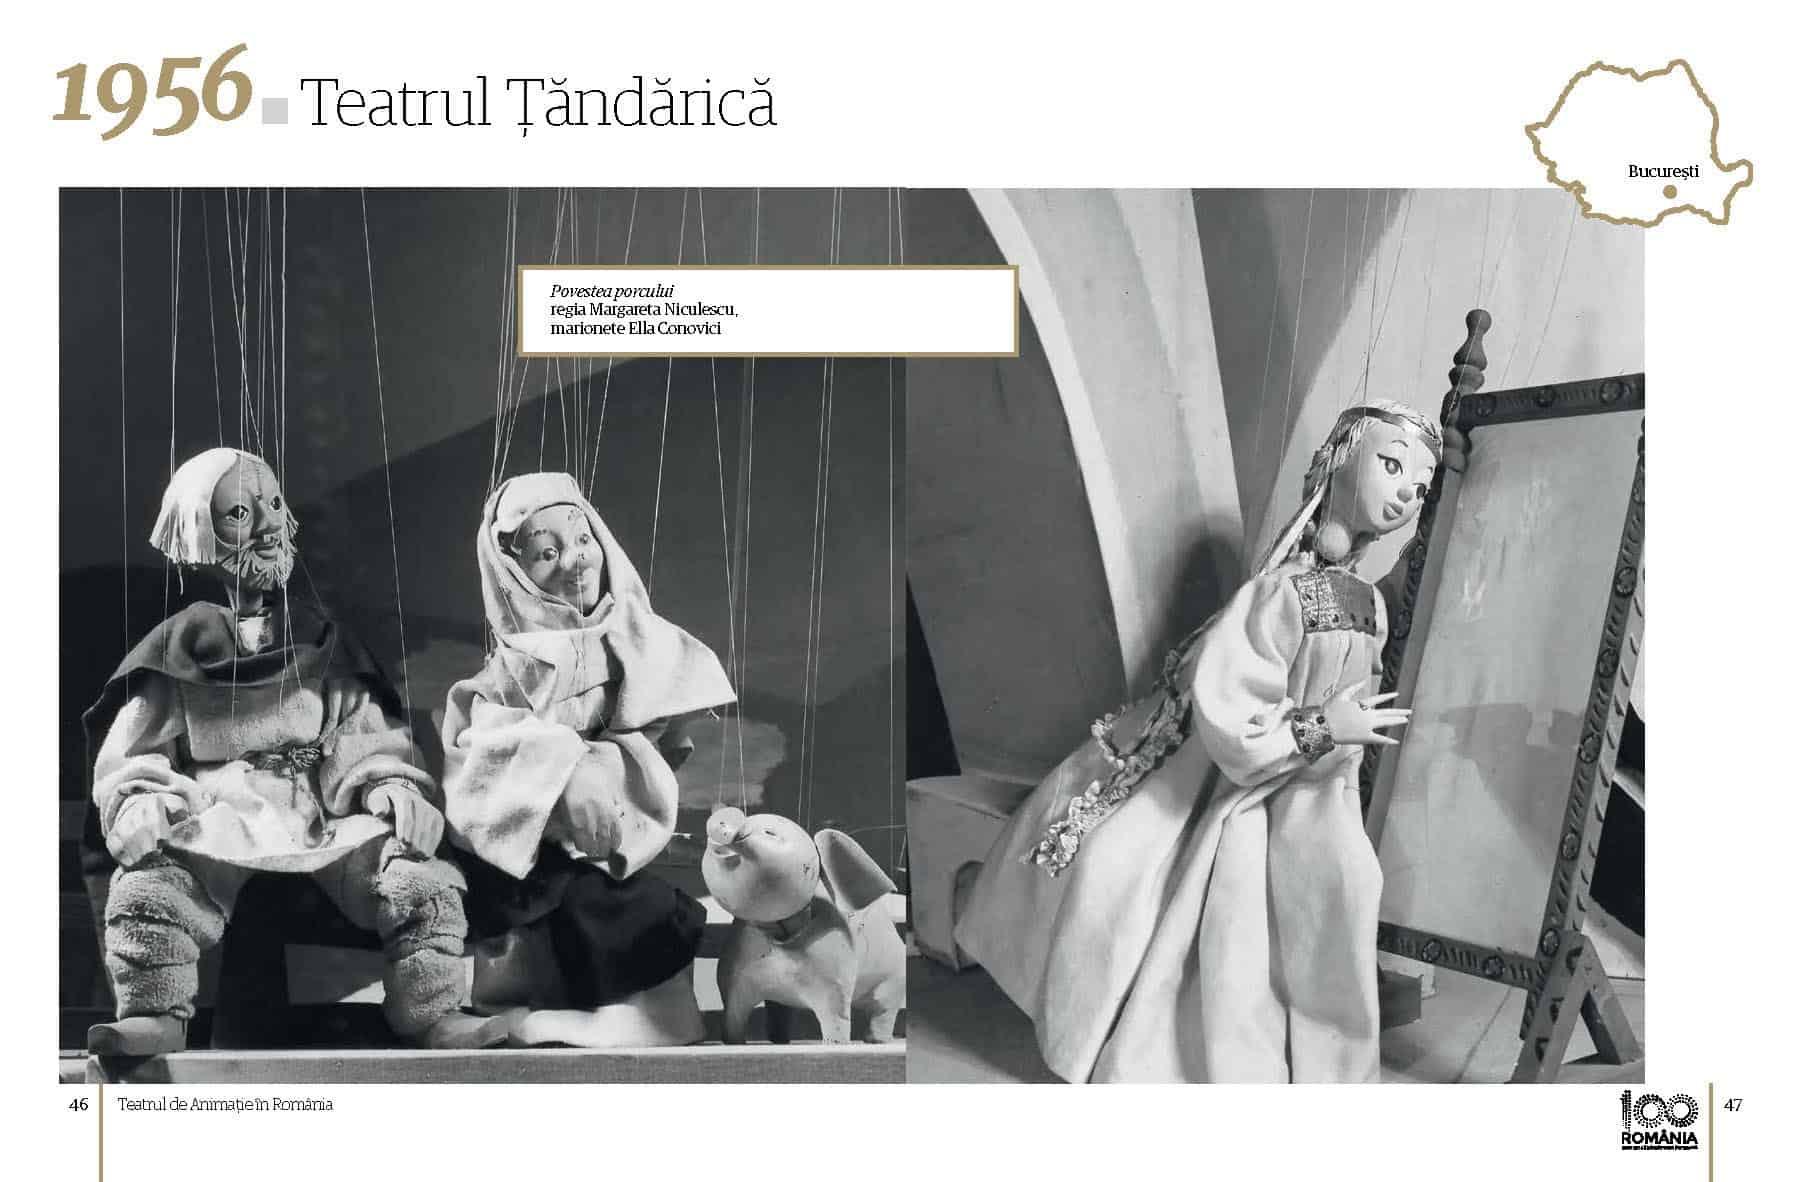 Album Teatrul de Animatie in Romania final preview fata in fata Page 24